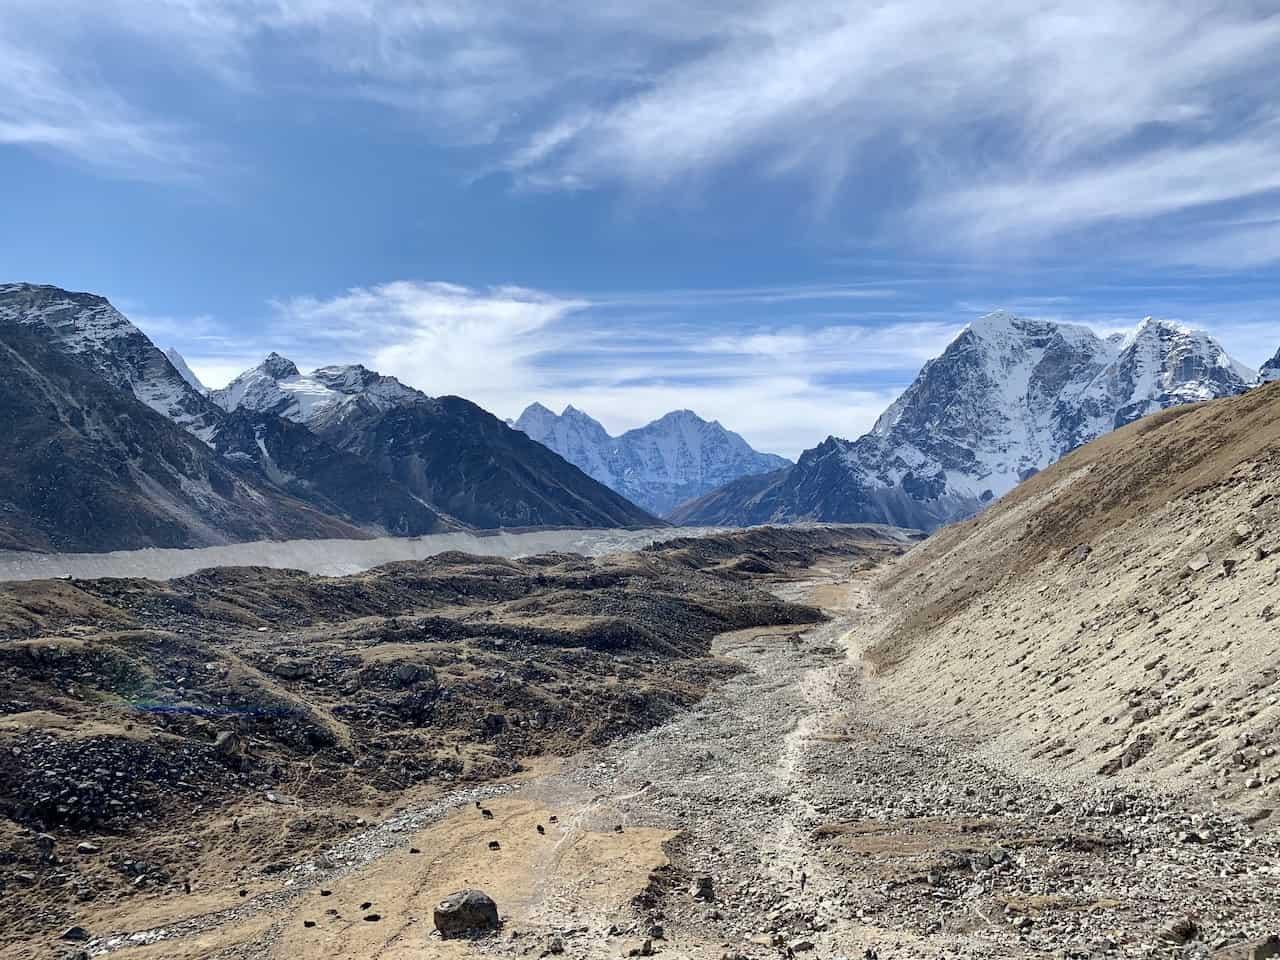 Khumbu Valley Pheriche